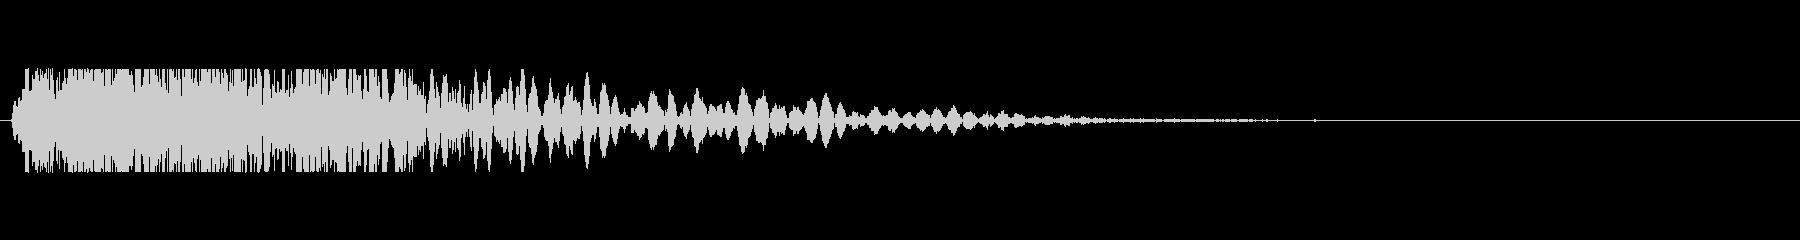 大きなシングルショットの未再生の波形